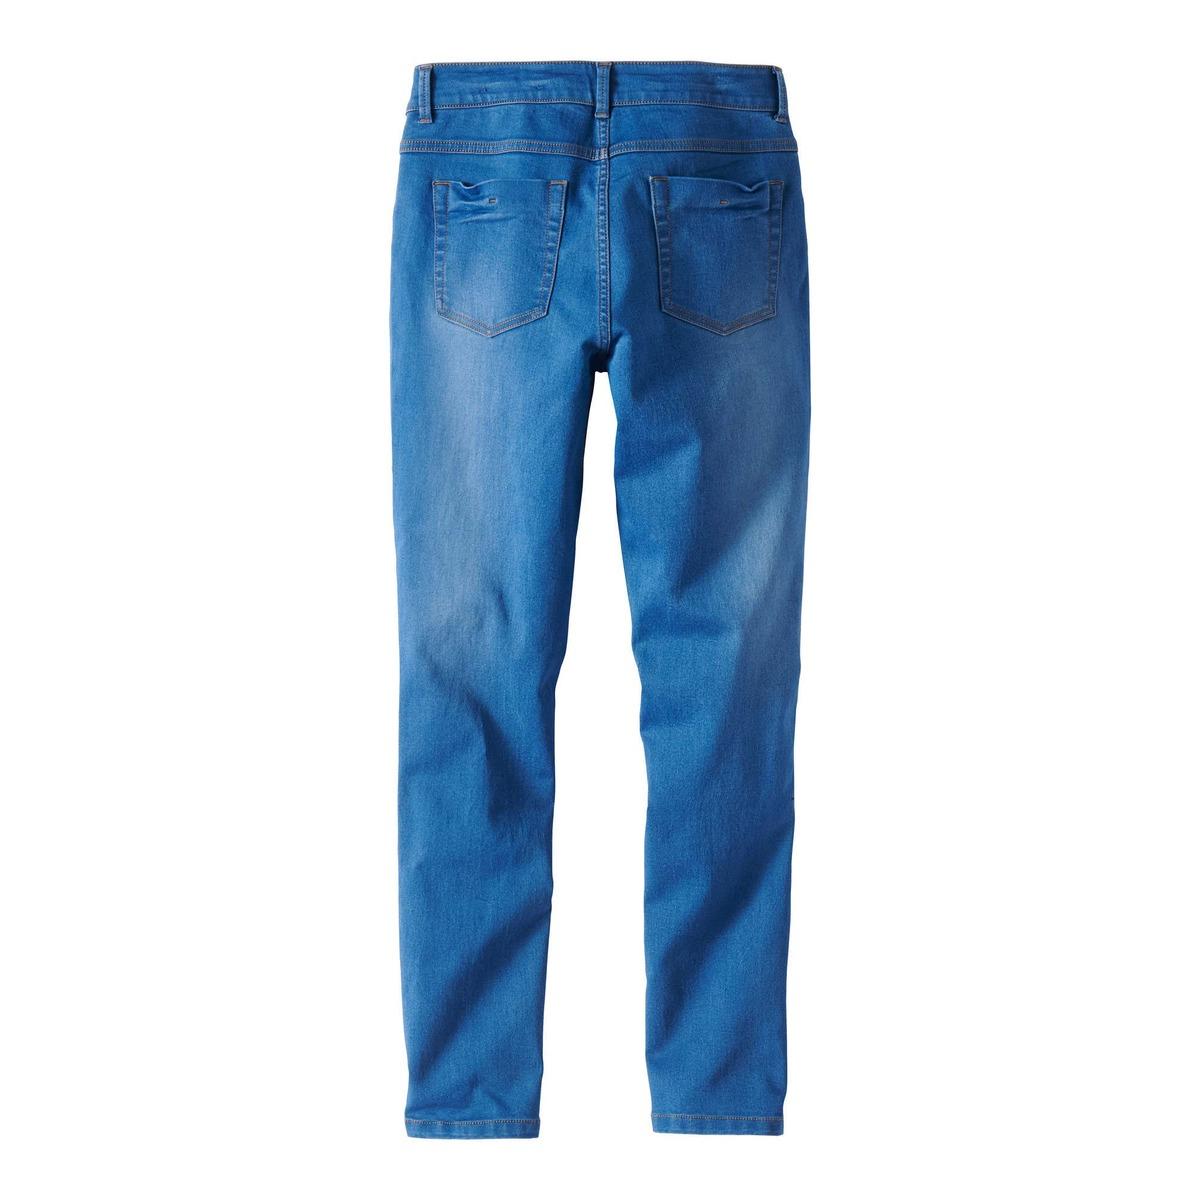 Bild 2 von Damen-Jeans-Pula mit Wascheffekt